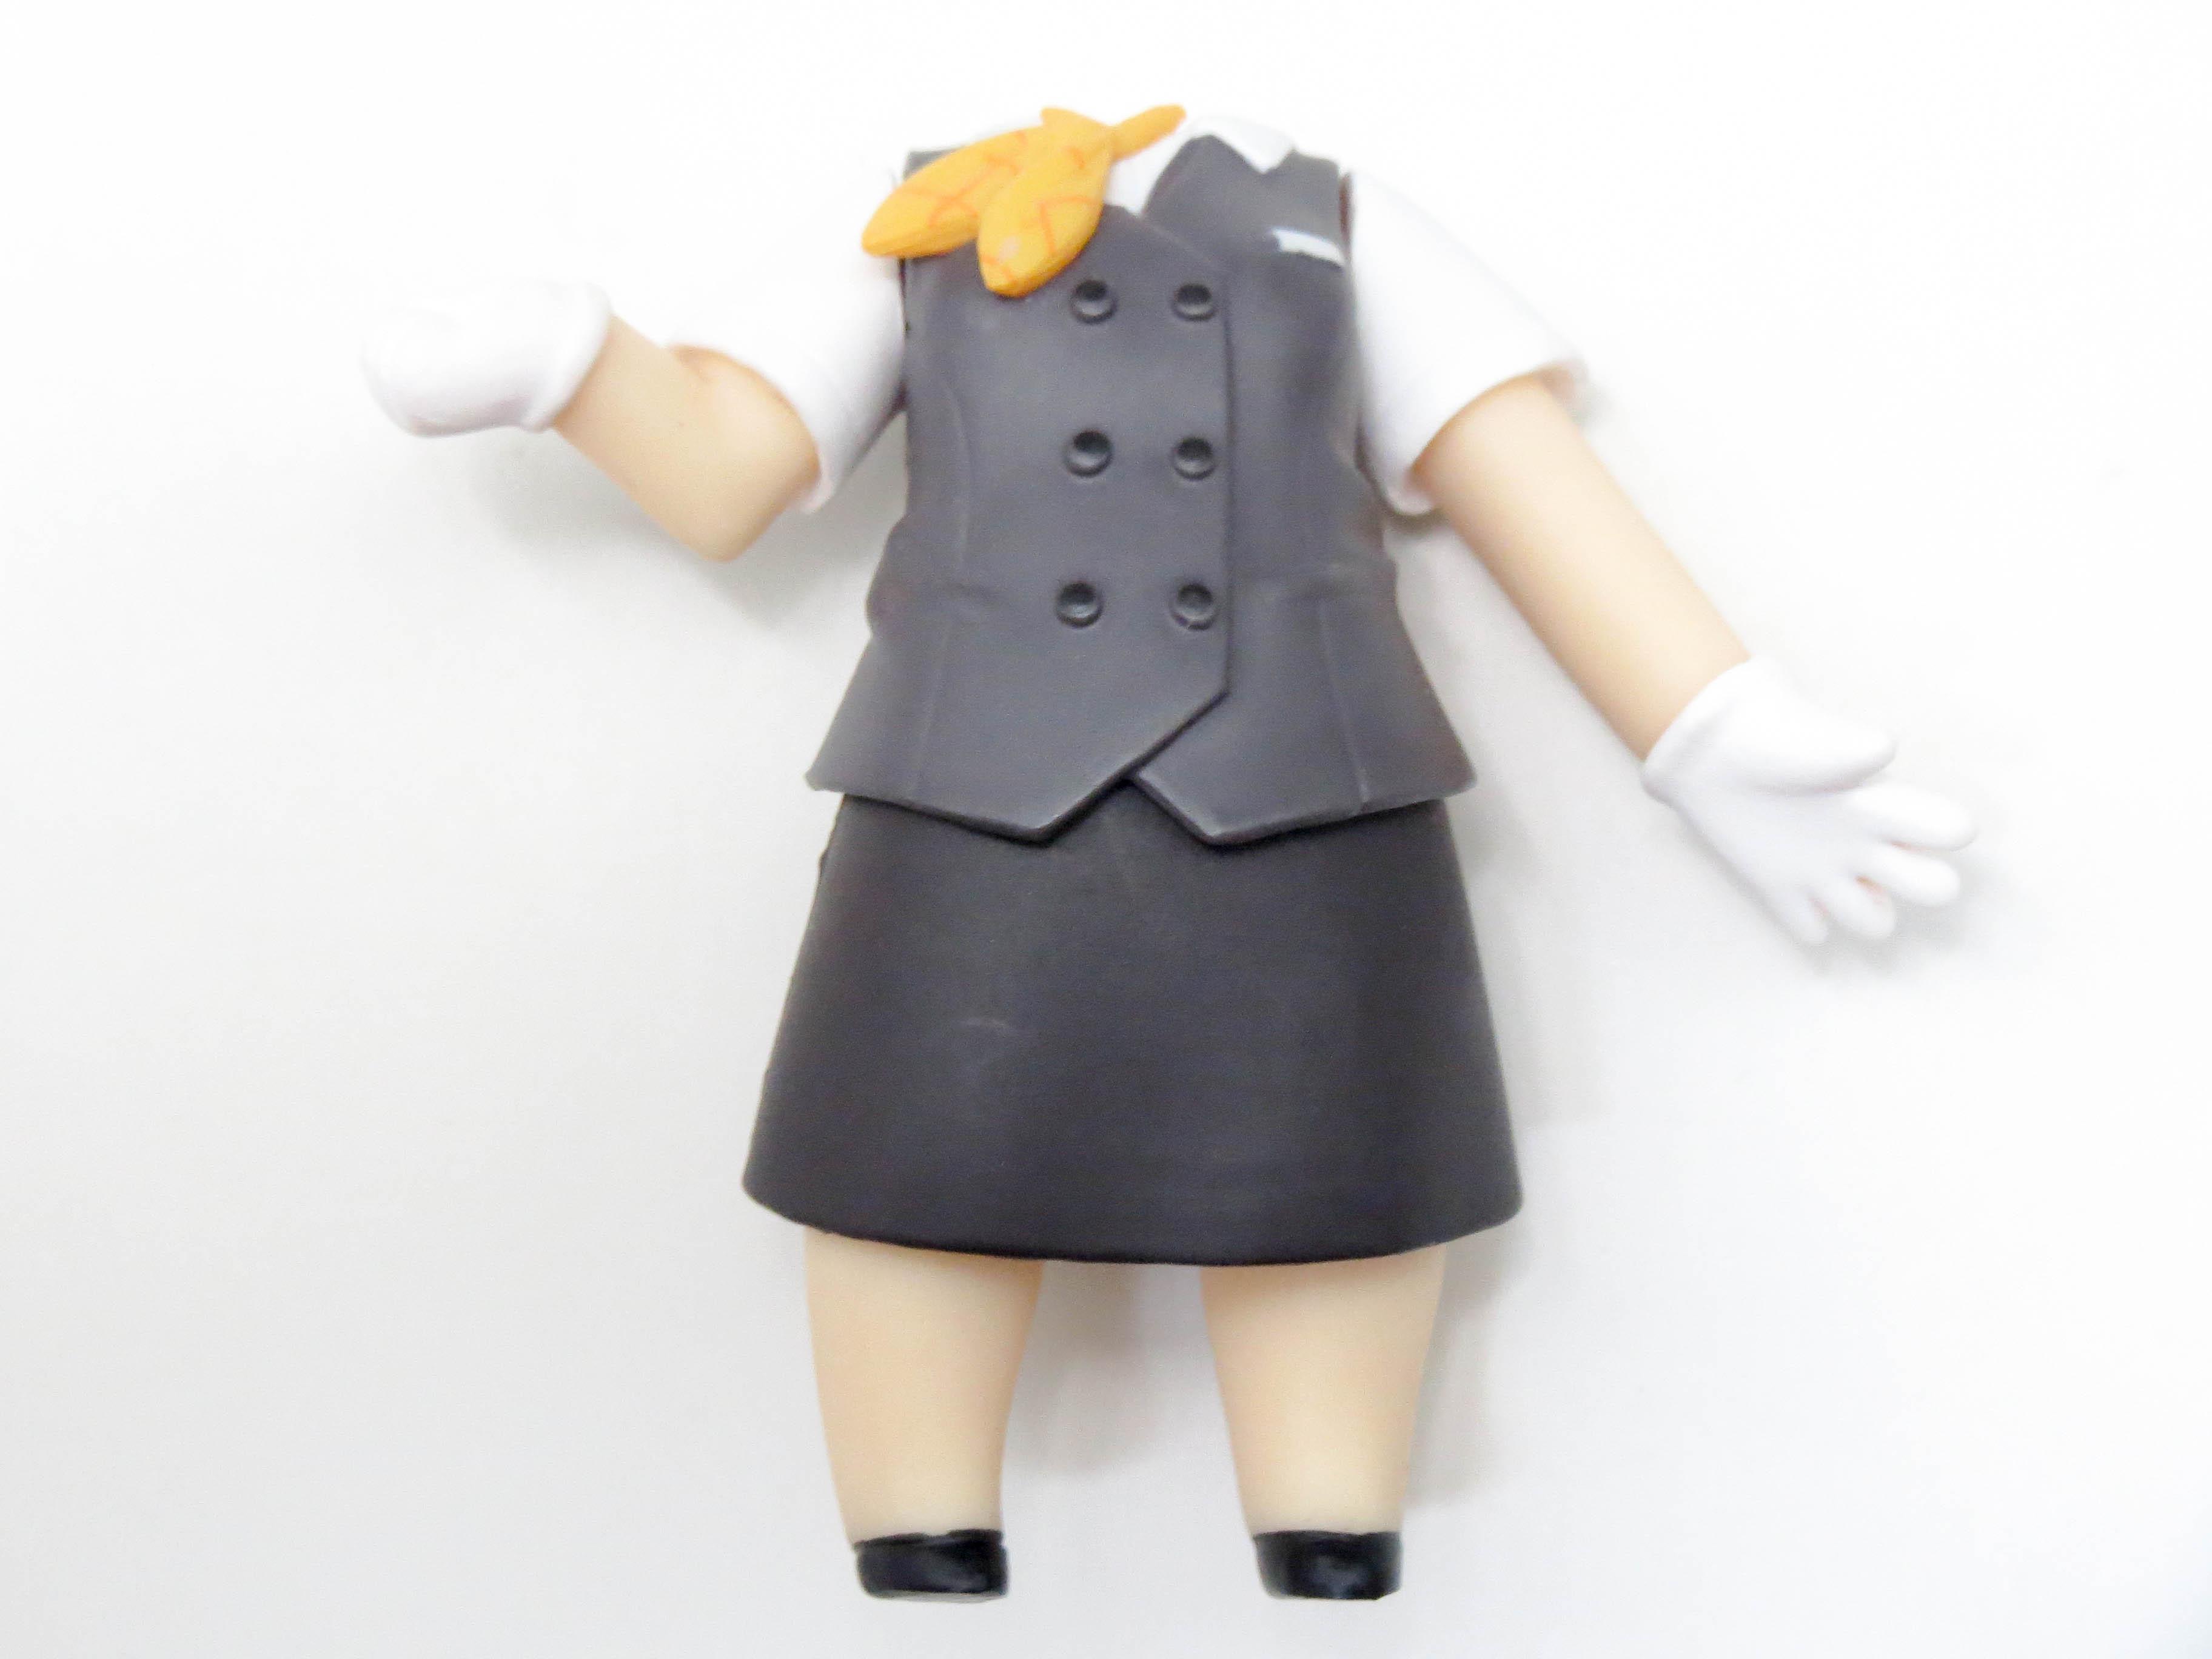 【SALE】【373】 釜石まな 体パーツ 制服 ねんどろいど